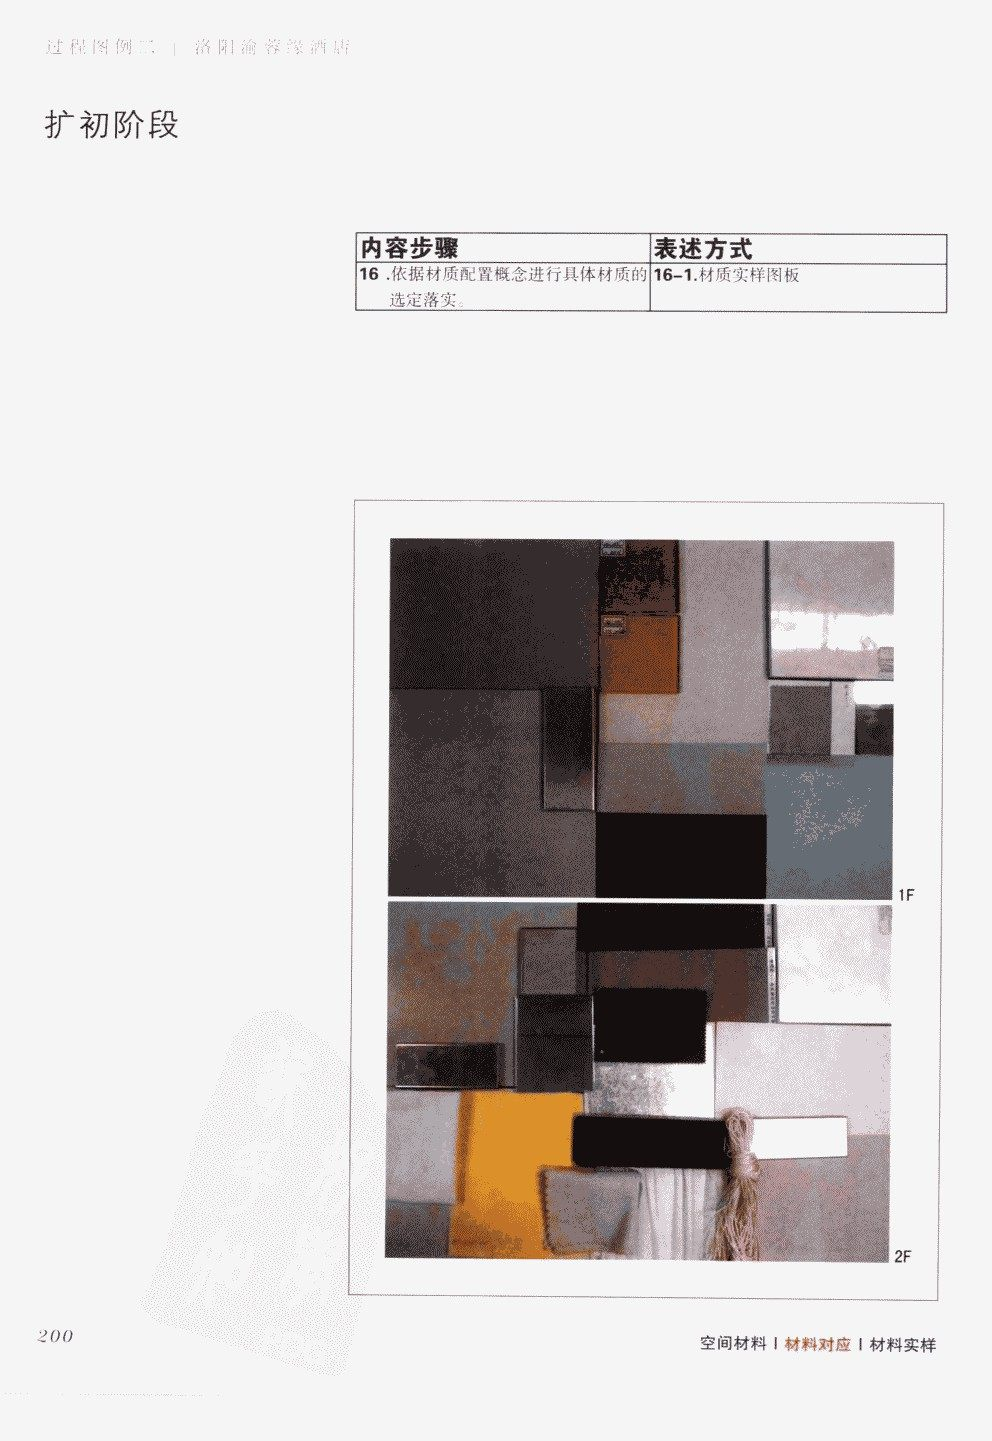 室内设计纲要++概念思考与过程表达_室内设计纲要  概念思考与过程表达_1297982..._页面_208.jpg